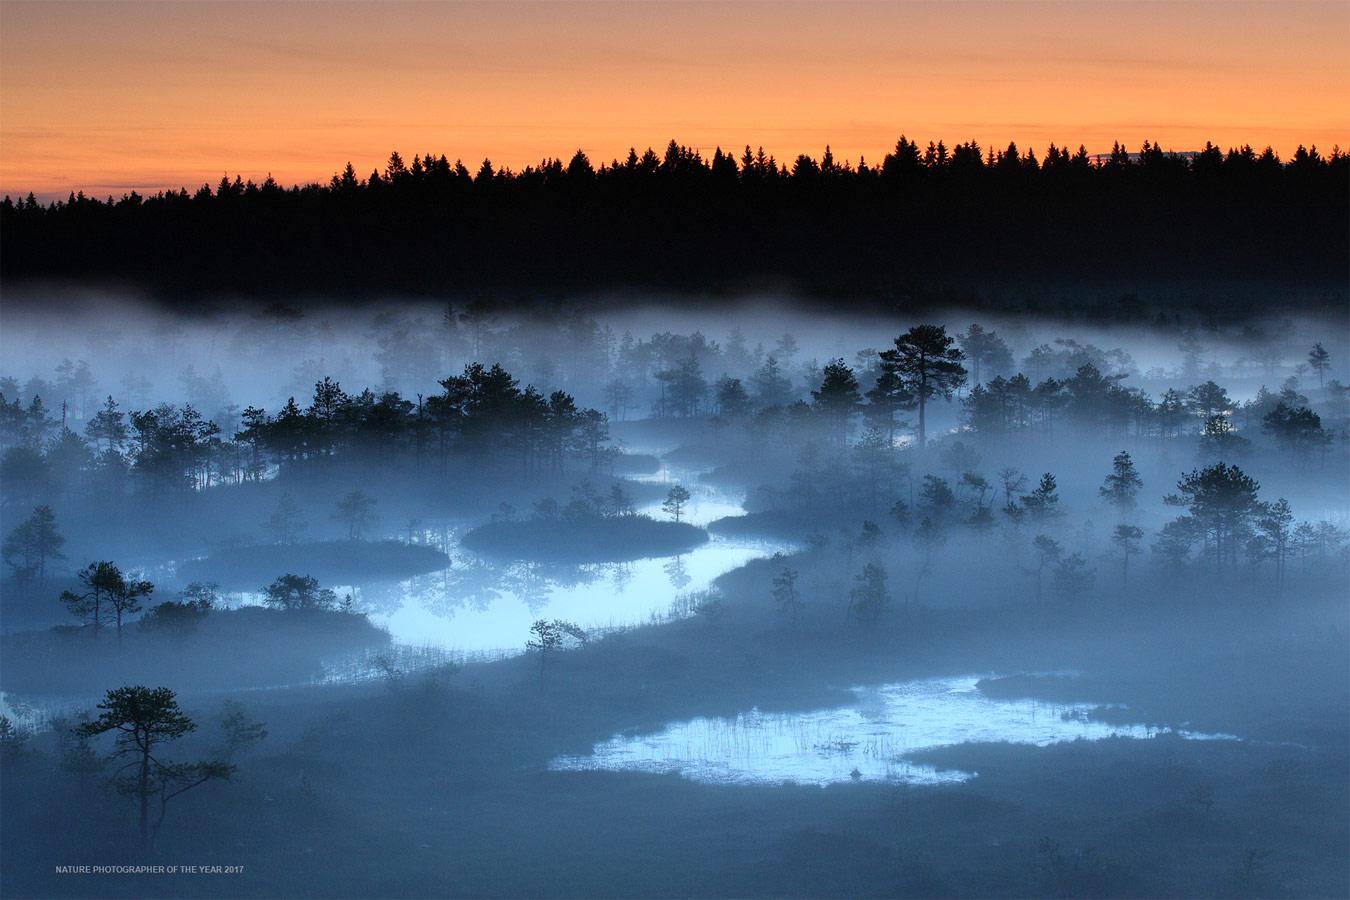 Рано утром на болоте, © Ремо Сависаар, Победитель категории «Пейзажи», Фотоконкурс «Природный фотограф года»